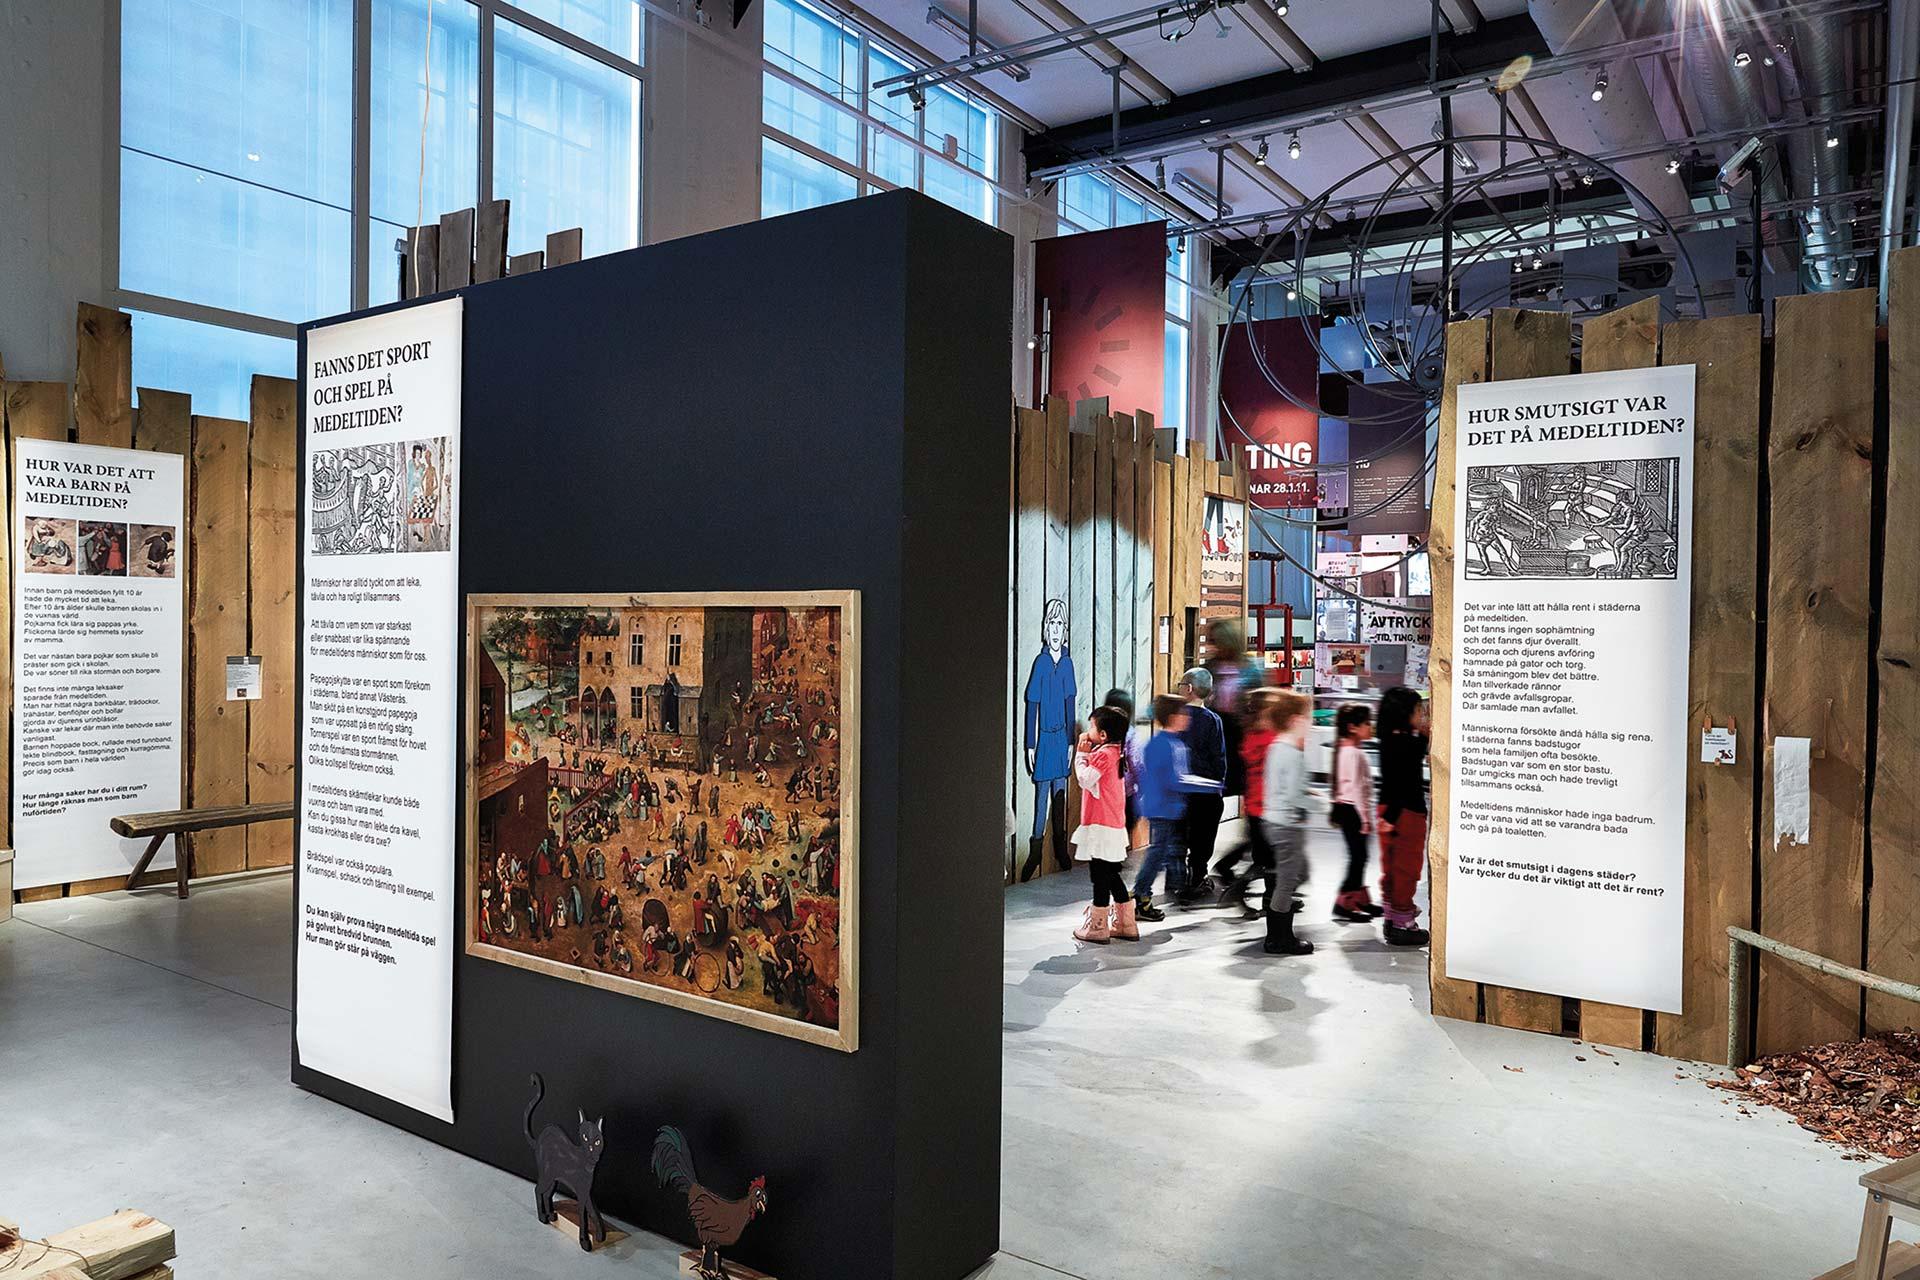 Barn som samlas vid utställningsmontrar på Västmanlands läns museum. Fotograf: Lasse Fredriksson